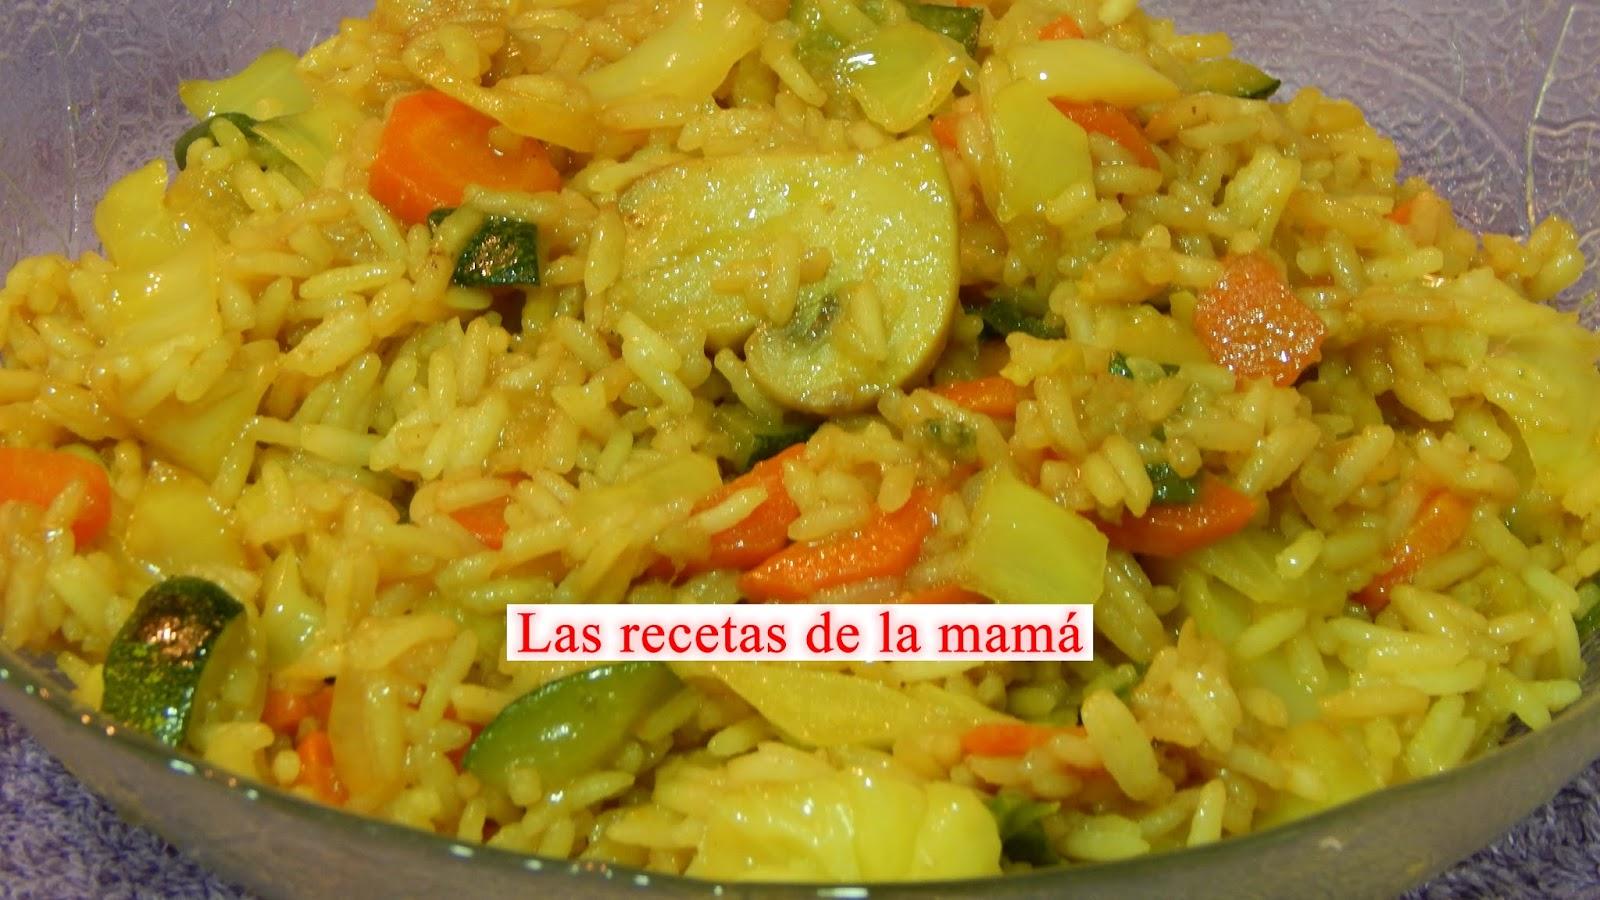 Las recetas de la mam receta f cil de arroz con verduras - Arroz con verduras light ...